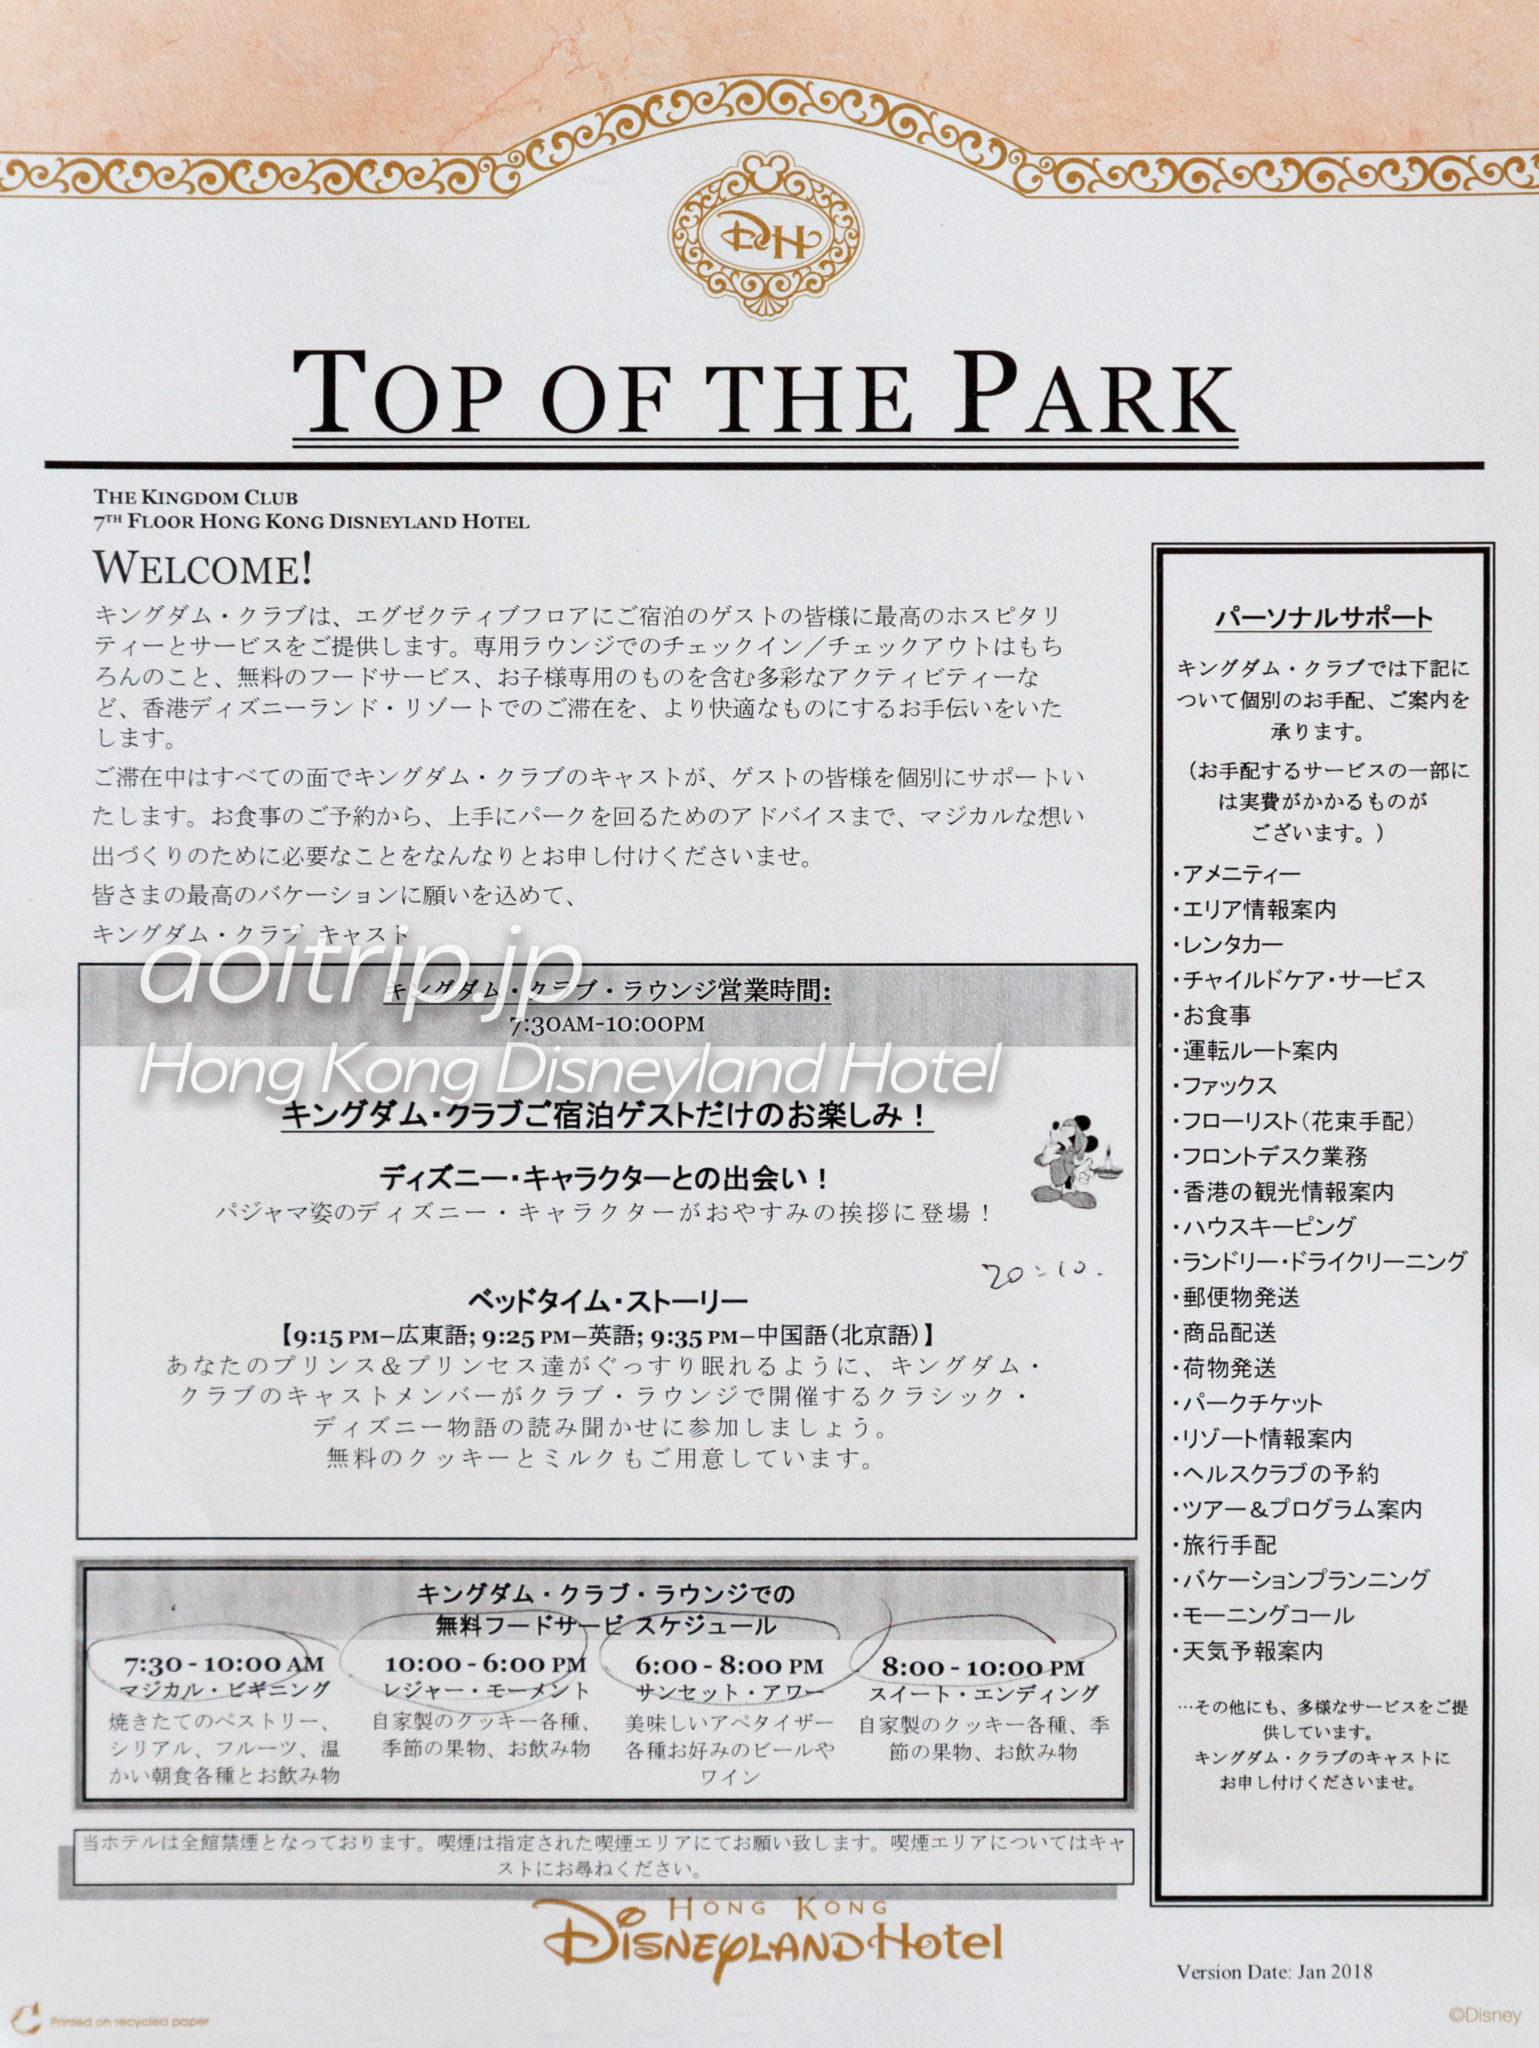 香港ディズニーランドキングダムクラブの特典